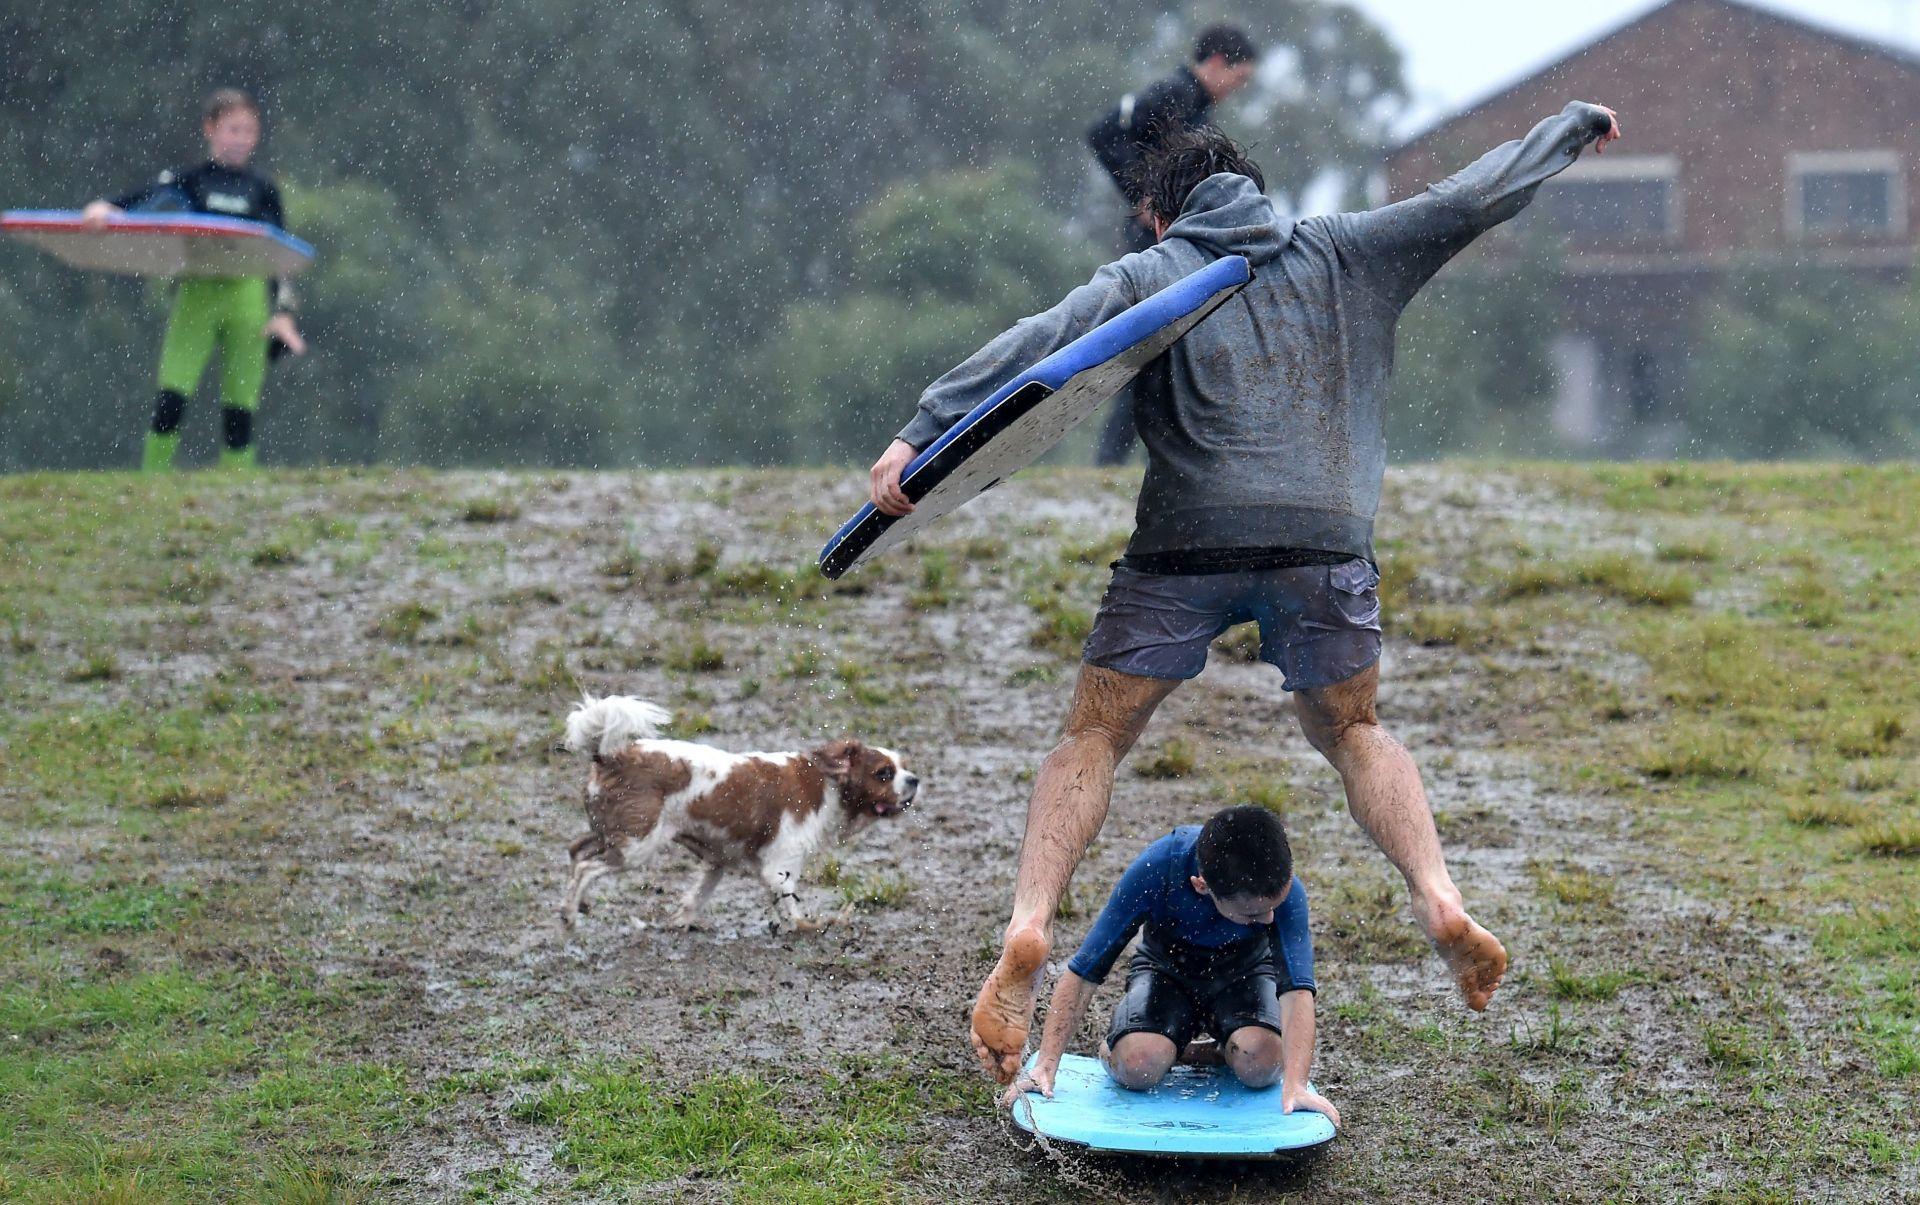 IZVANREDNA SITUACIJA: Stotine evakuirane iz Sydneya zbog teške oluje